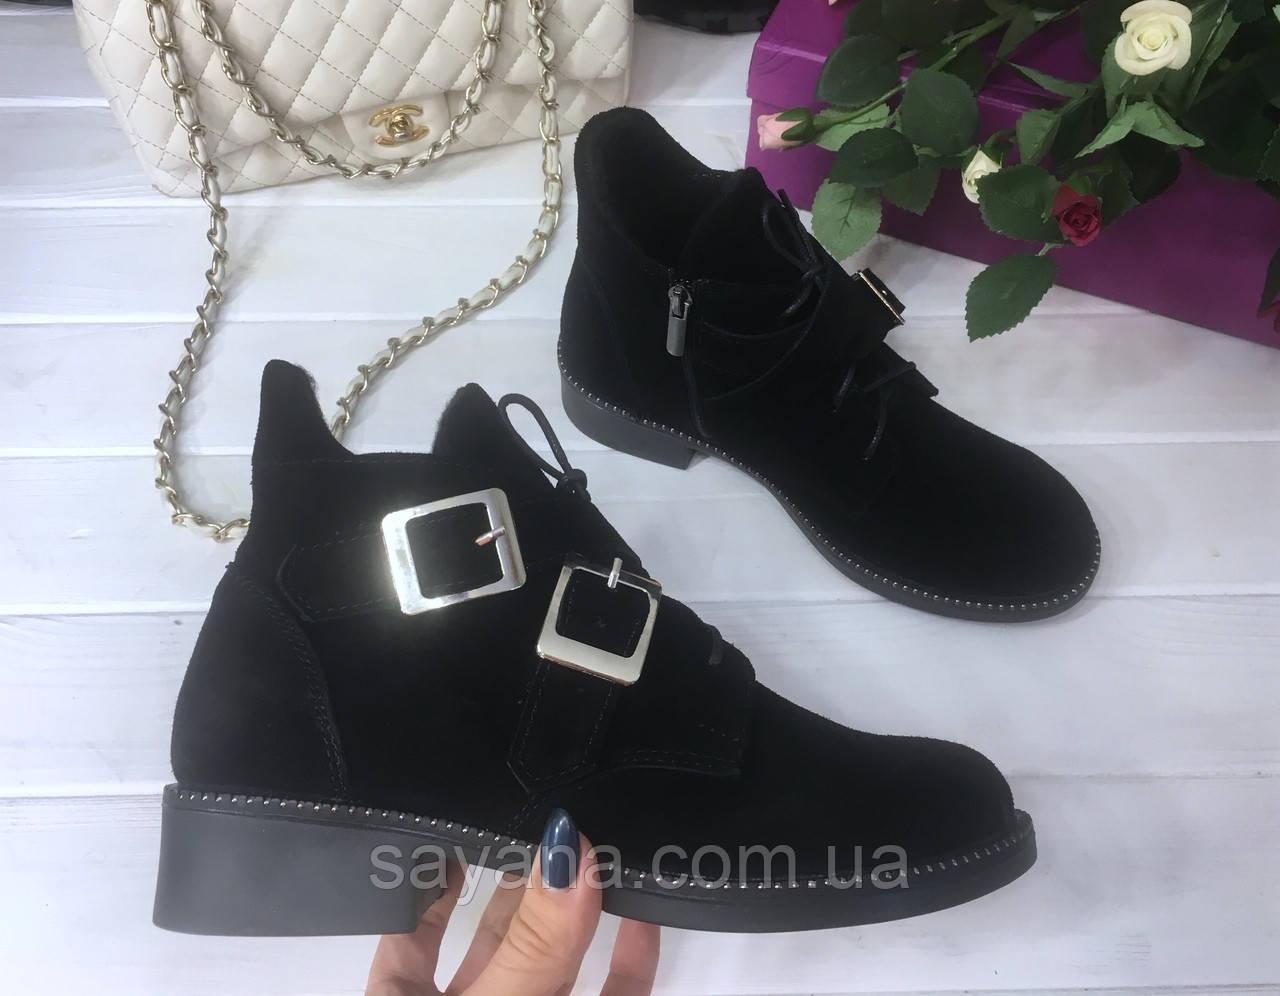 7fcebd148 Женские замшевые ботинки на молнии и со шнуровкой с декором. ДС-7-1018 (927)